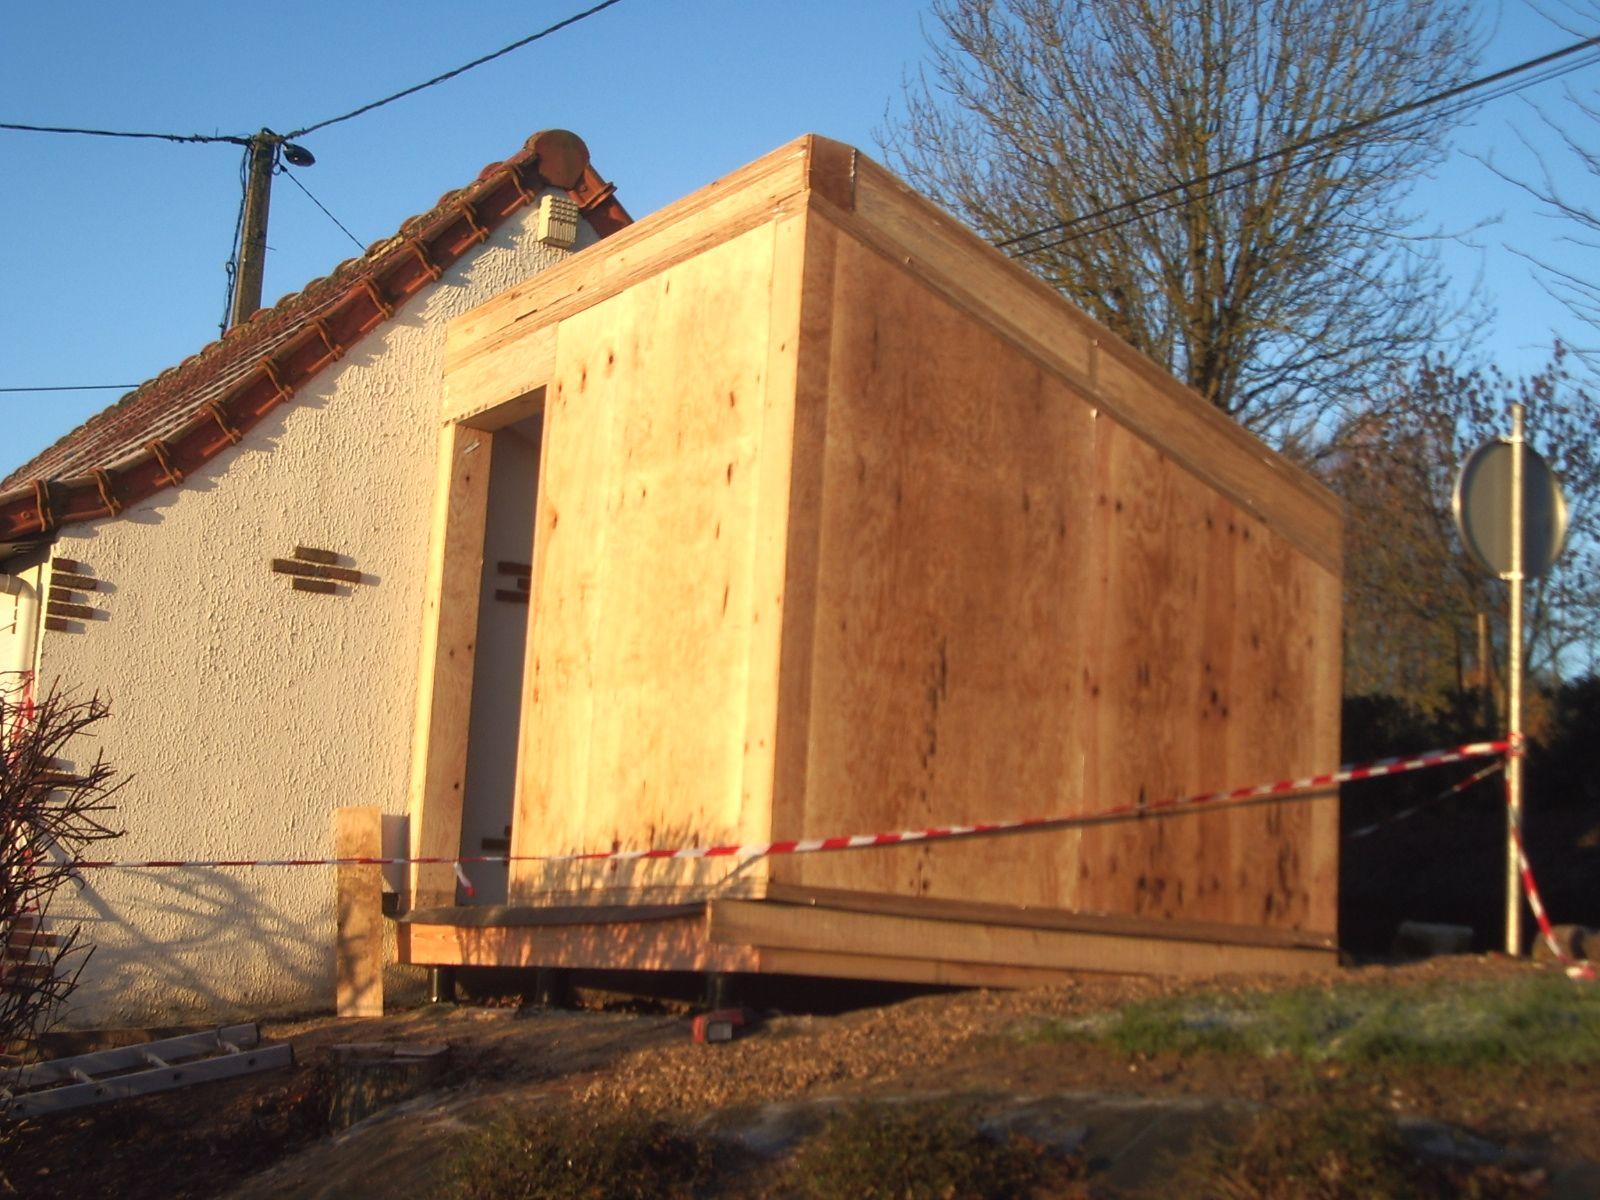 Extension Du0027une Maison Sur Plot De Fondation Hapax